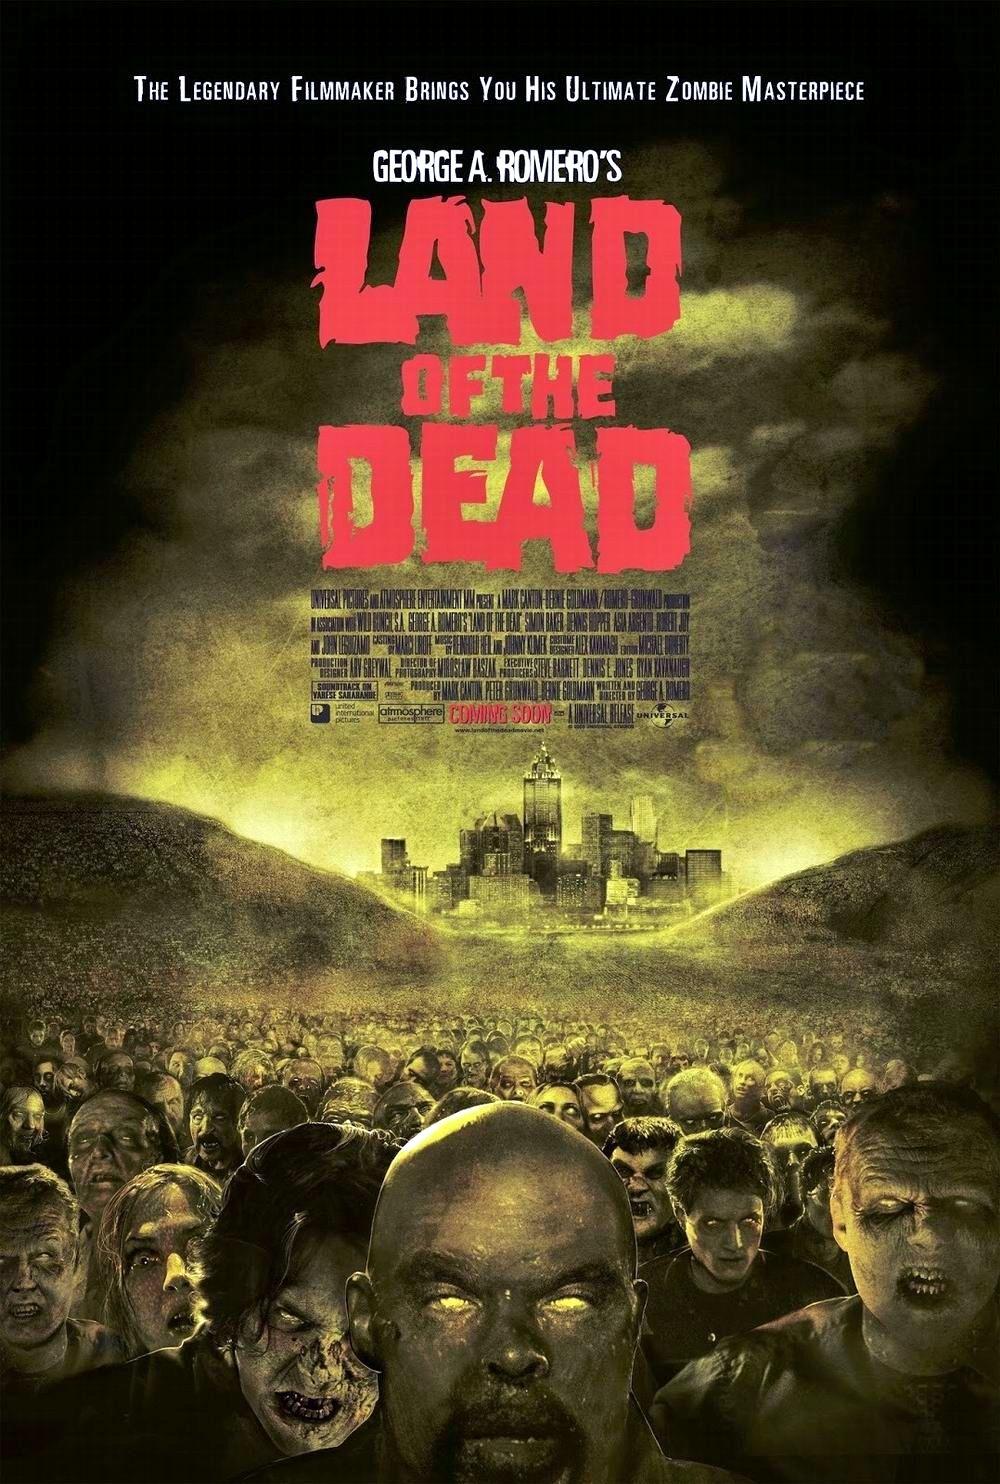 Epingle Par Tom Haidopoulo Sur Posters Affiches De Films D Horreur Film Dead